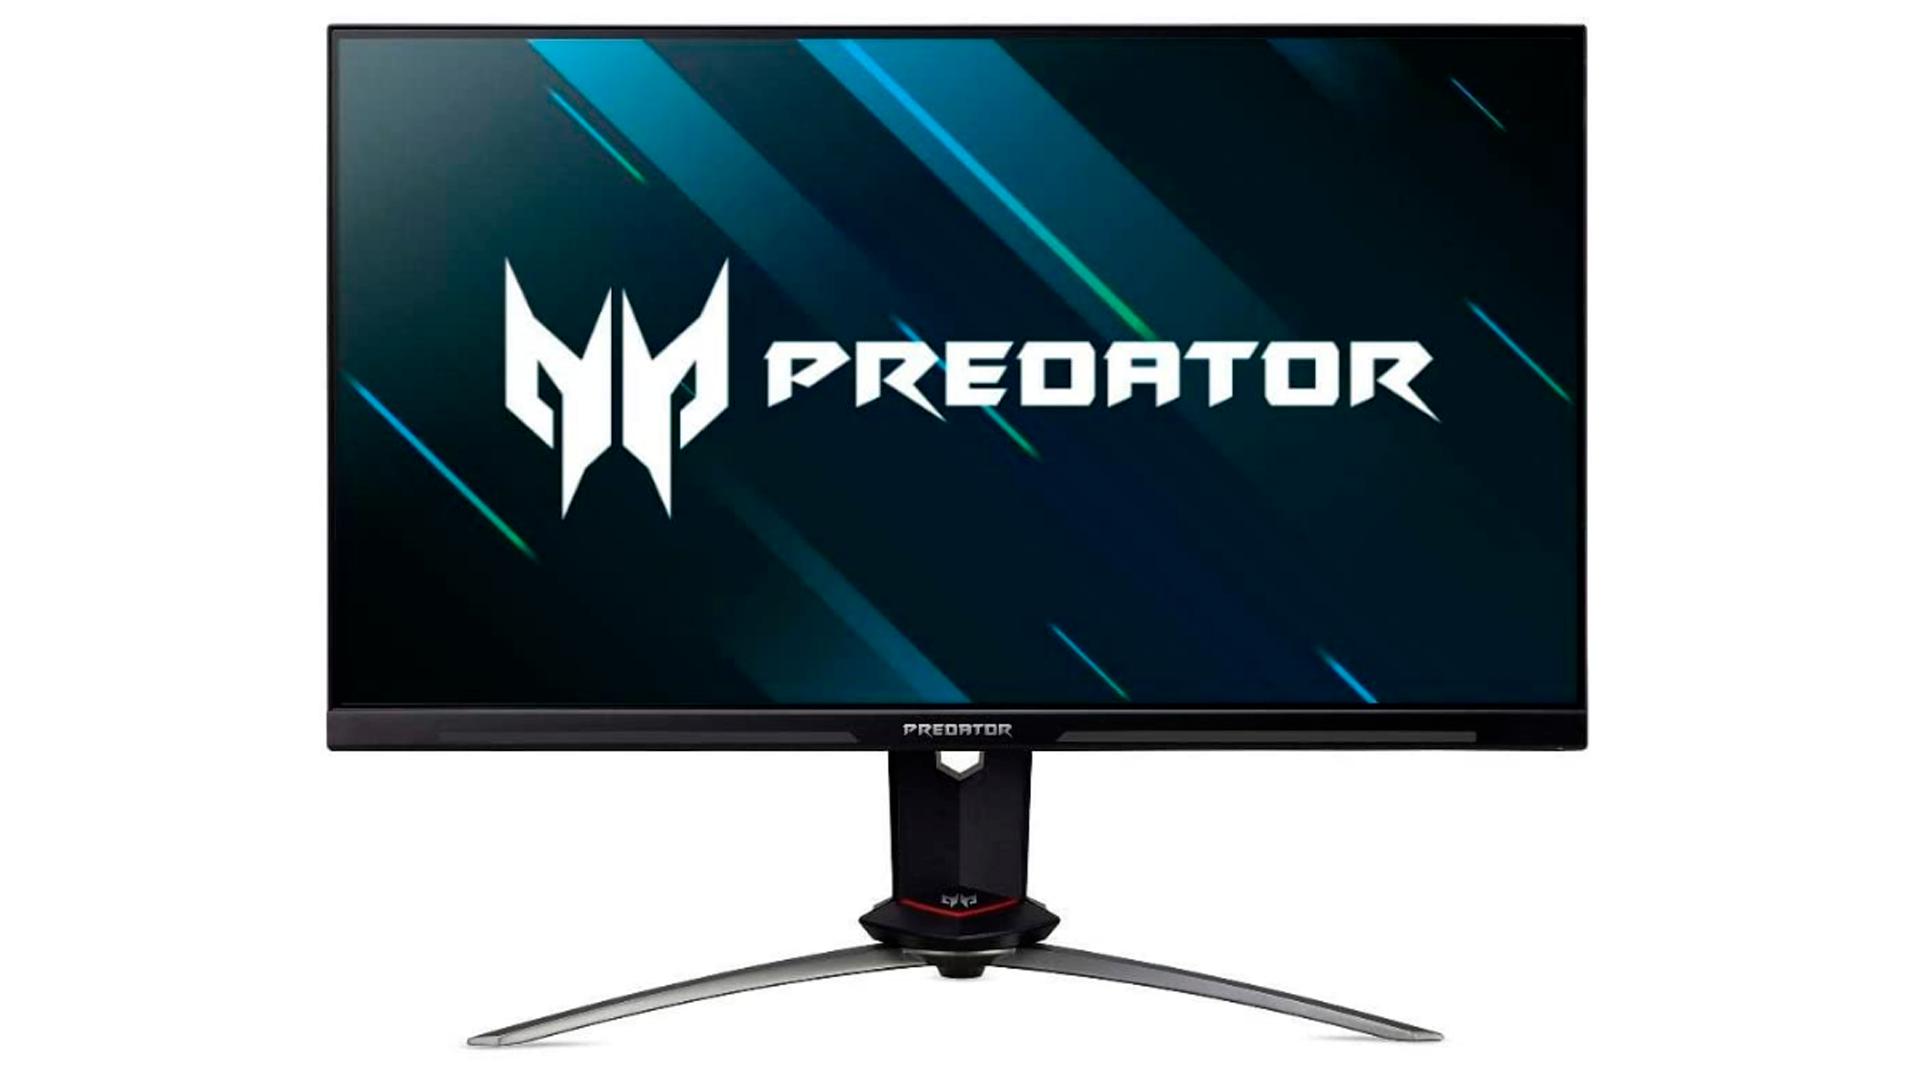 """O LCD 24,5"""" Acer Full HD Predator XB253Q_G é uma ótima opção de monitor para jogar (Foto: Divulgação/Acer)"""